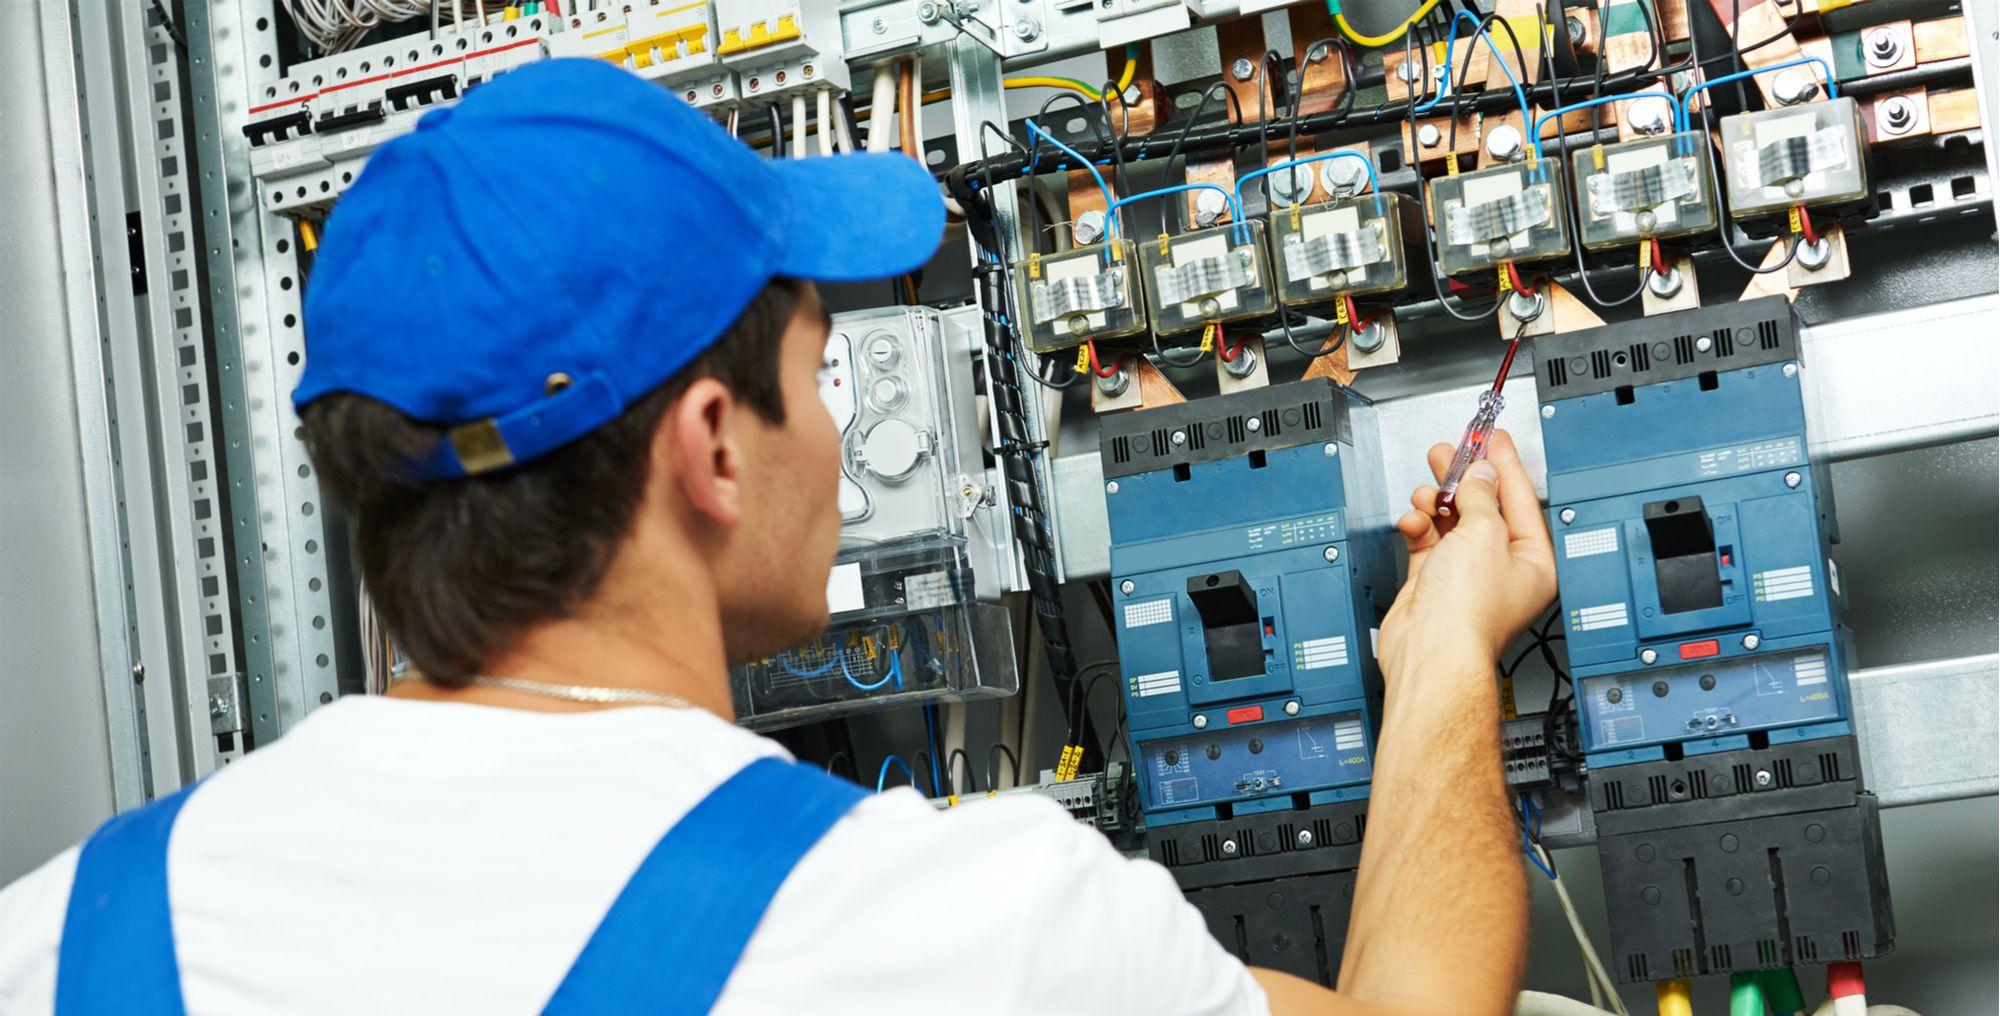 Работа инженер электрик в москве: 15643 вакансий